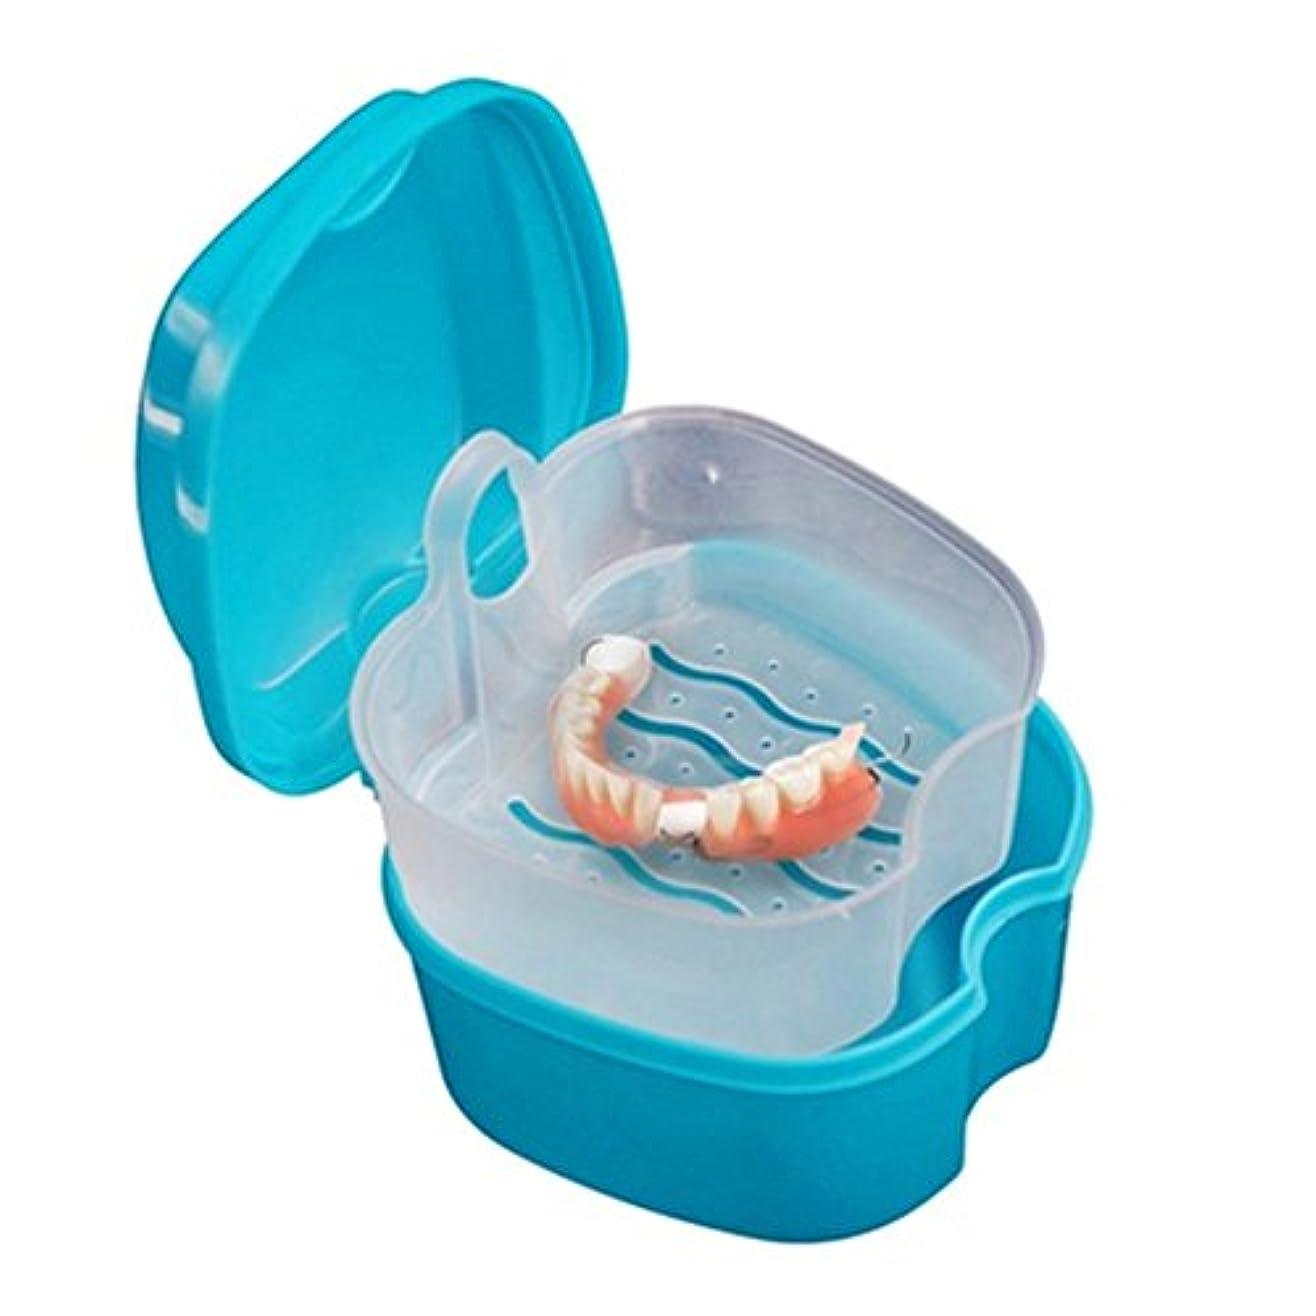 インシュレータ読み書きのできないスキップCozyrom ネット付き 抗菌加工 乳歯 入れ歯収納ケース 容器 ボック 使いやすい